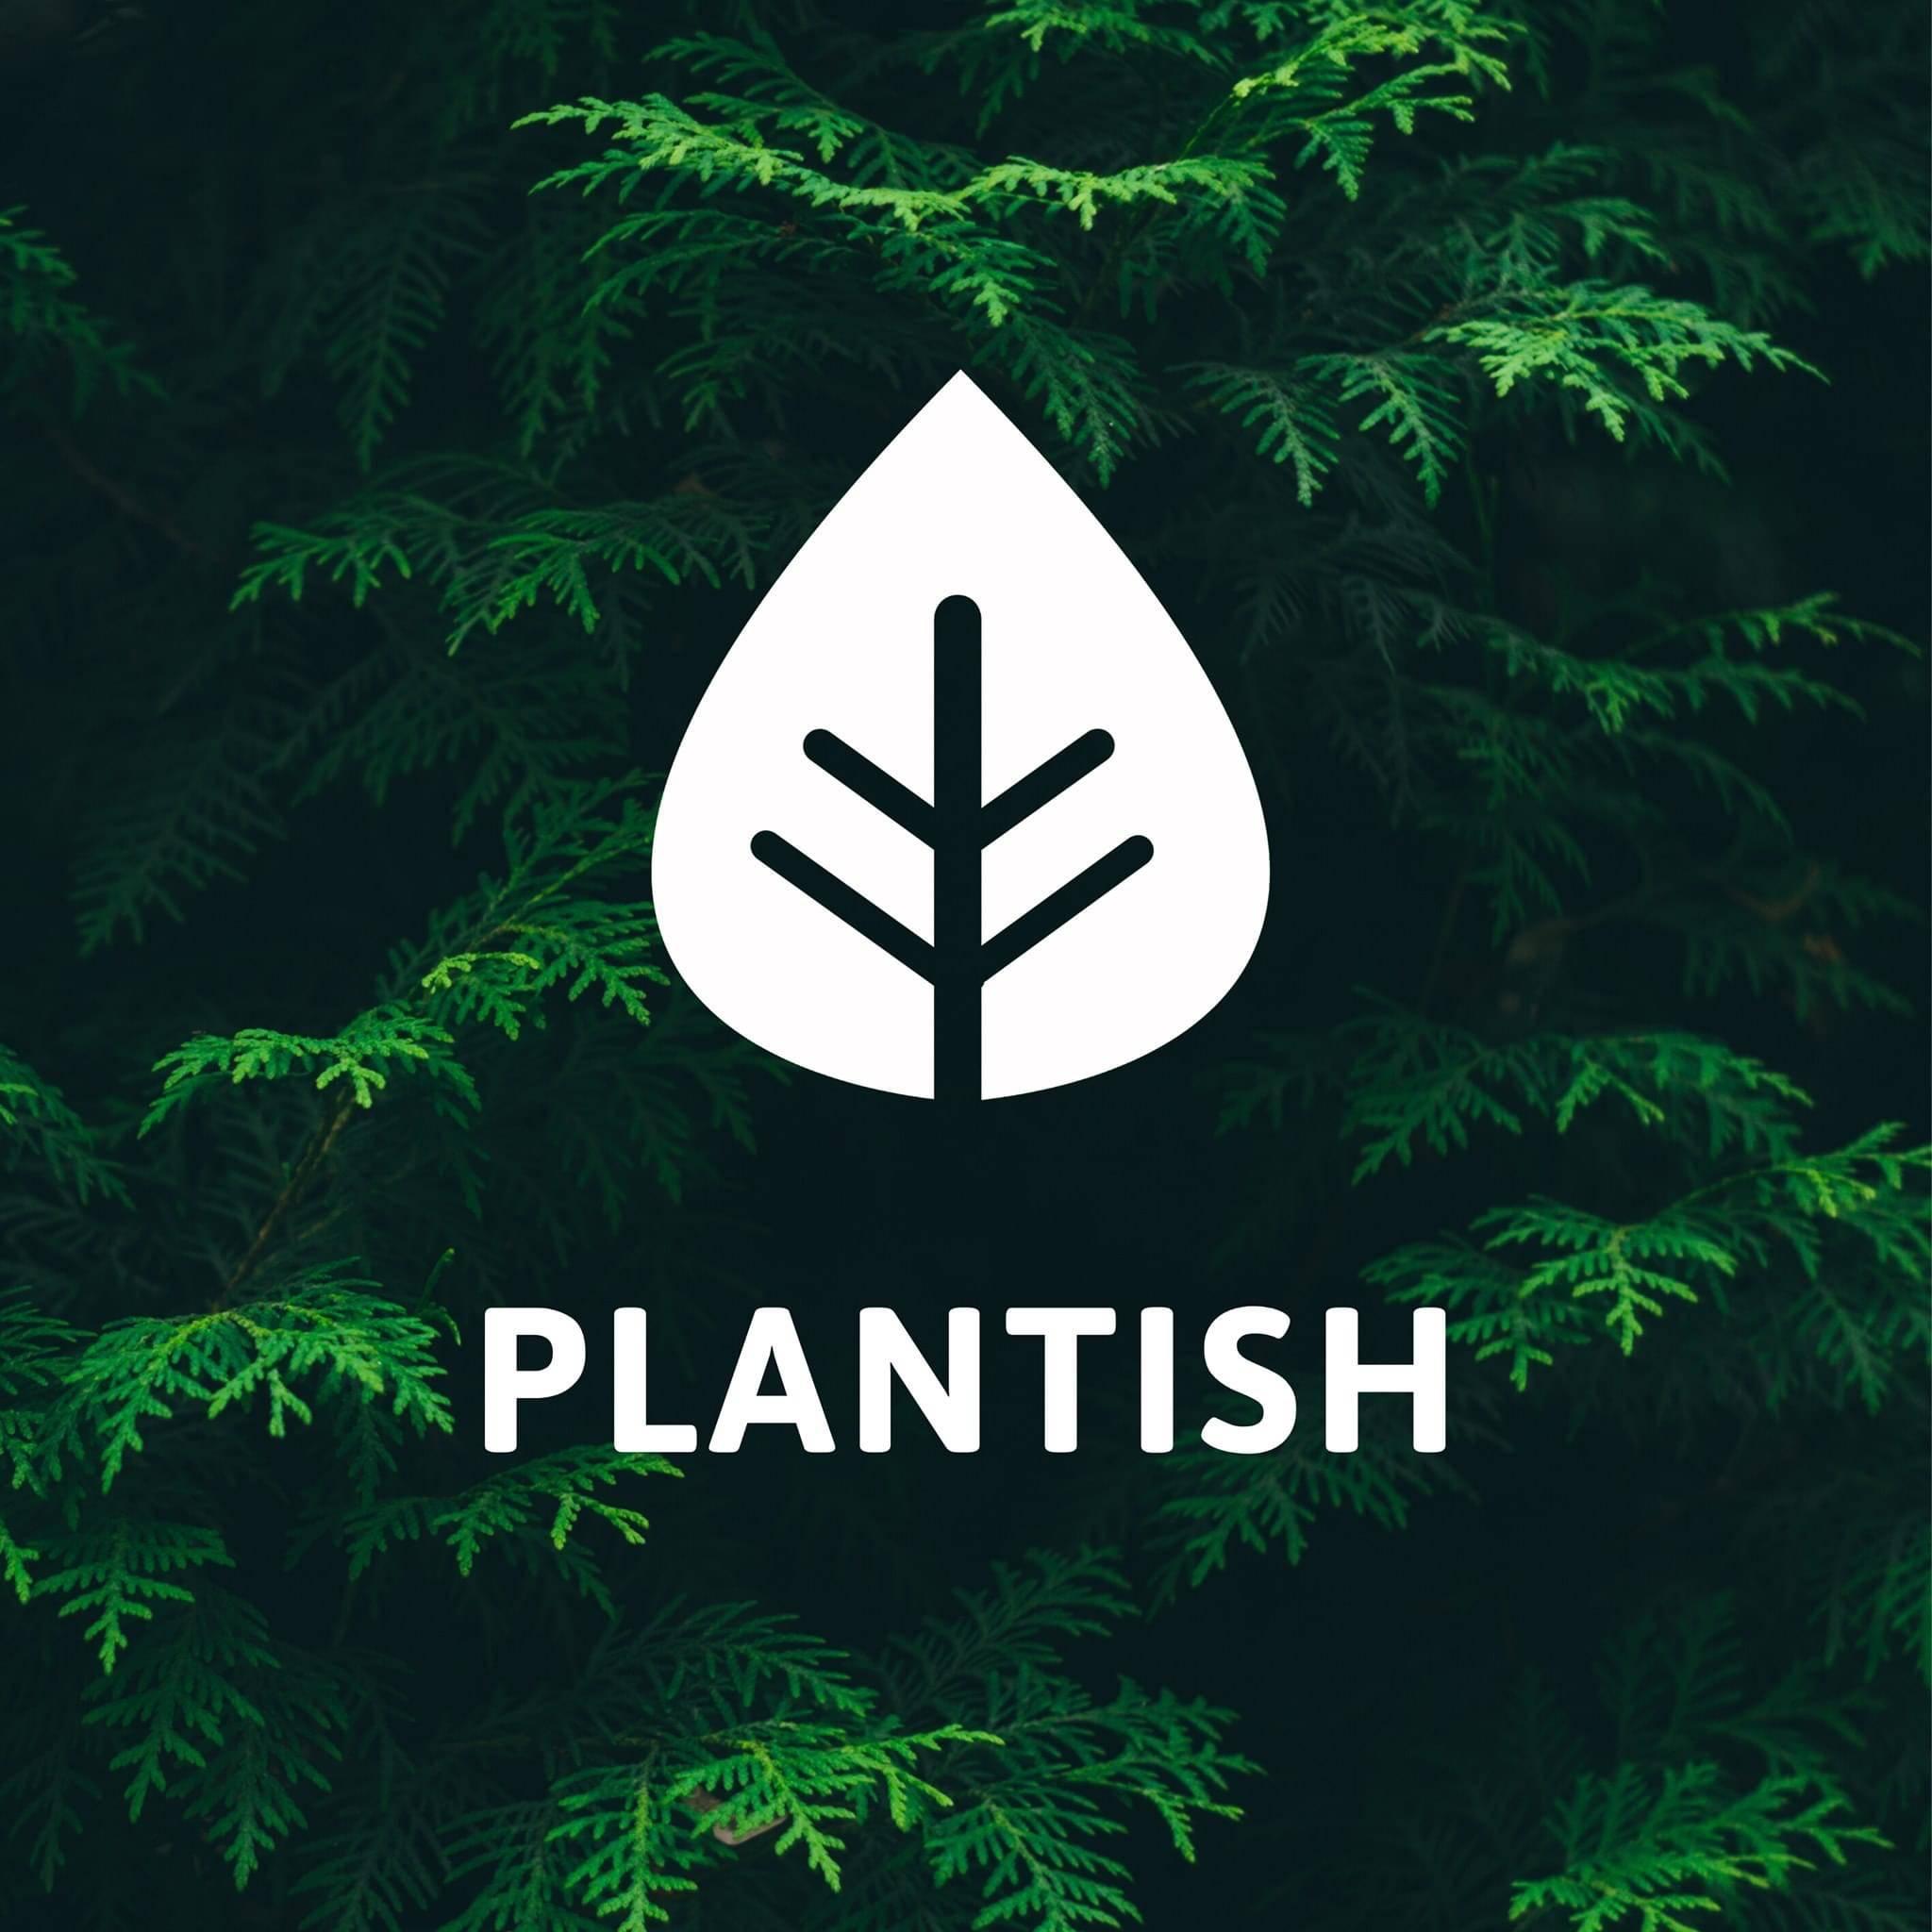 Plantish